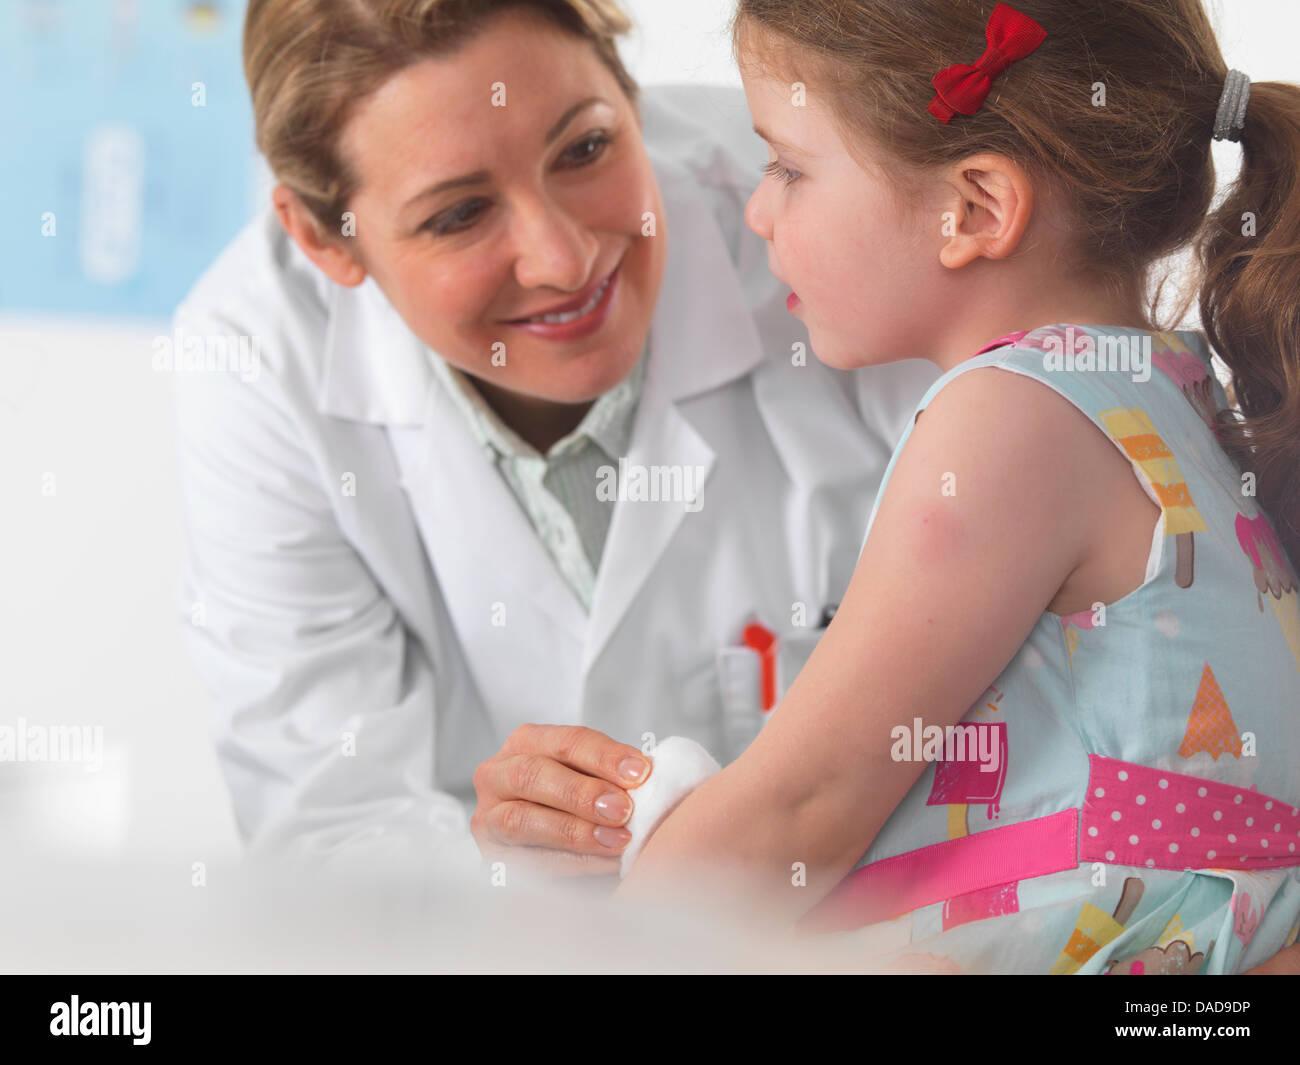 Cuidado médico pediátrico para una niña pequeña en la cirugía Imagen De Stock